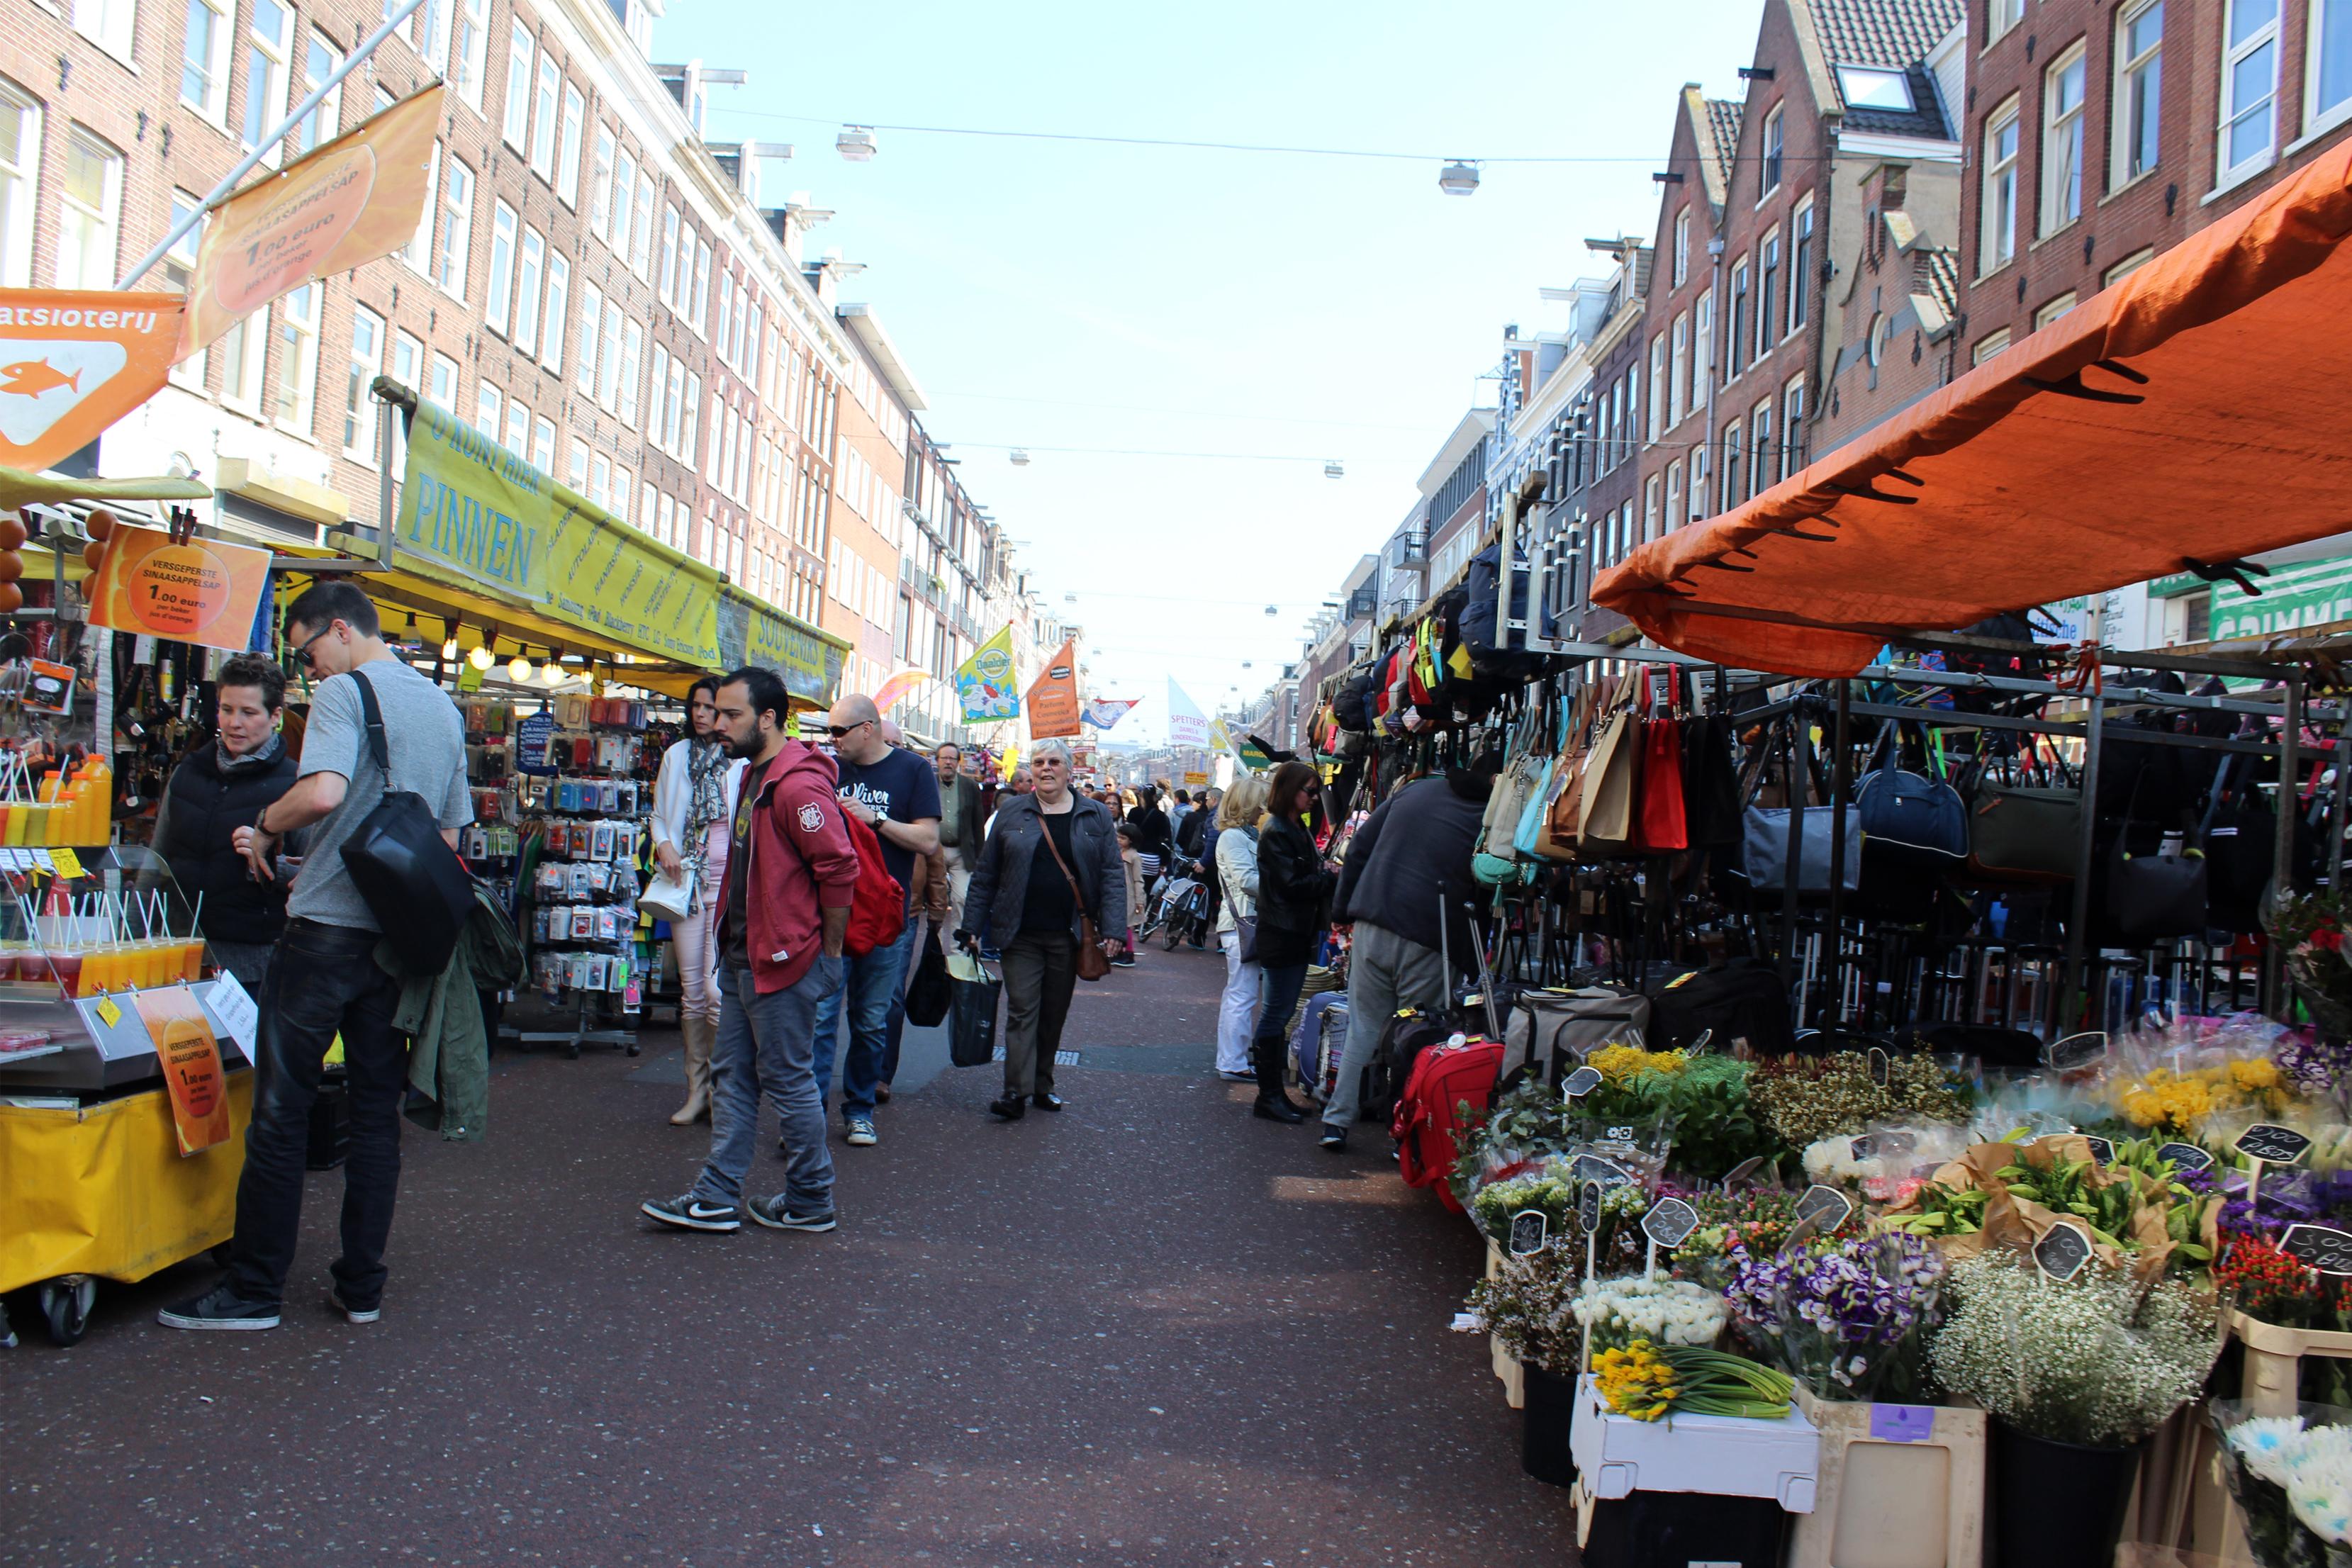 Zondag Albert Cuypmarkt Albert Cuyp Market